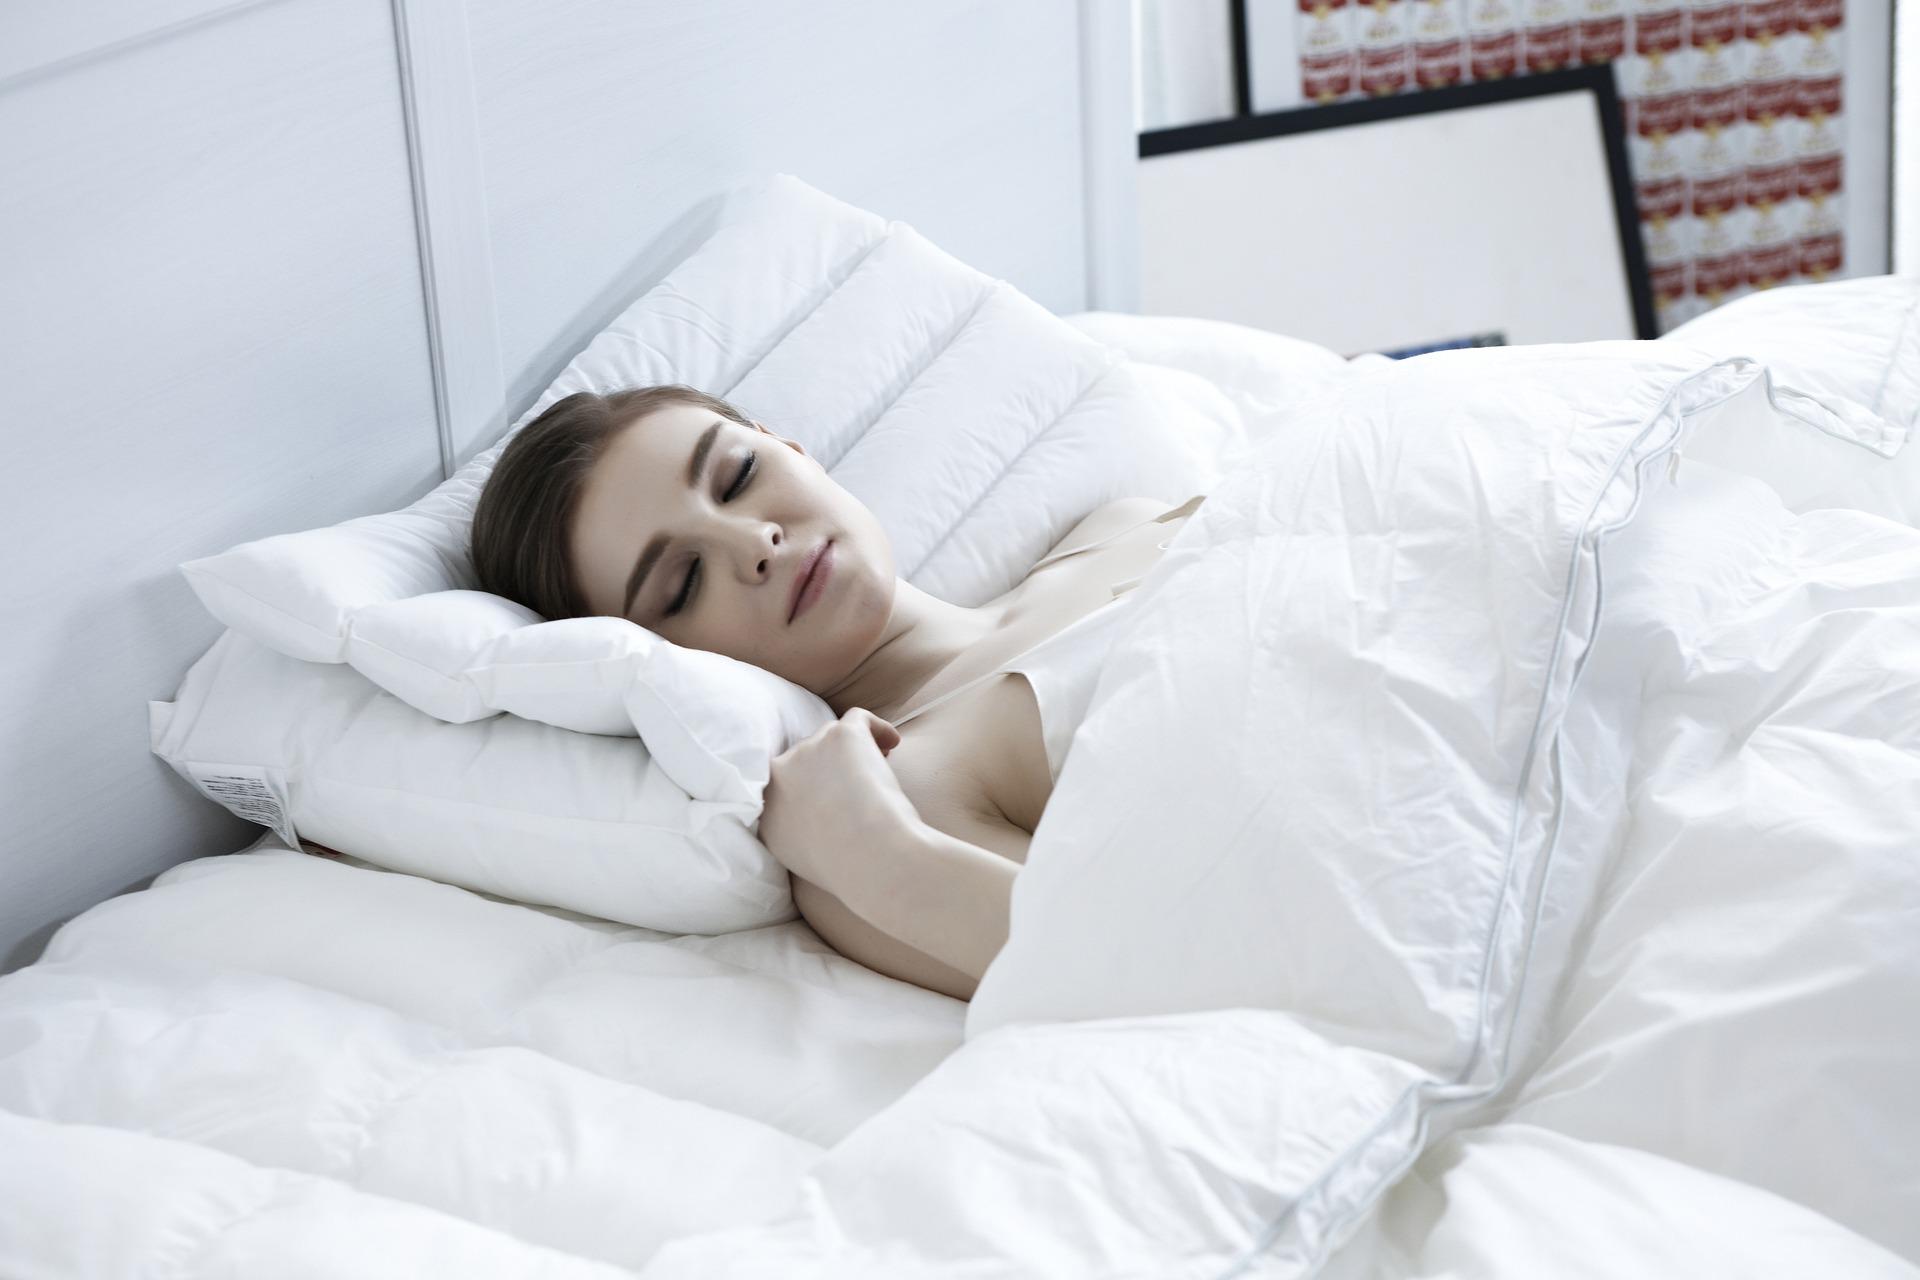 Les règles d'hygiène à respecter pour avoir de bonnes nuits de sommeil